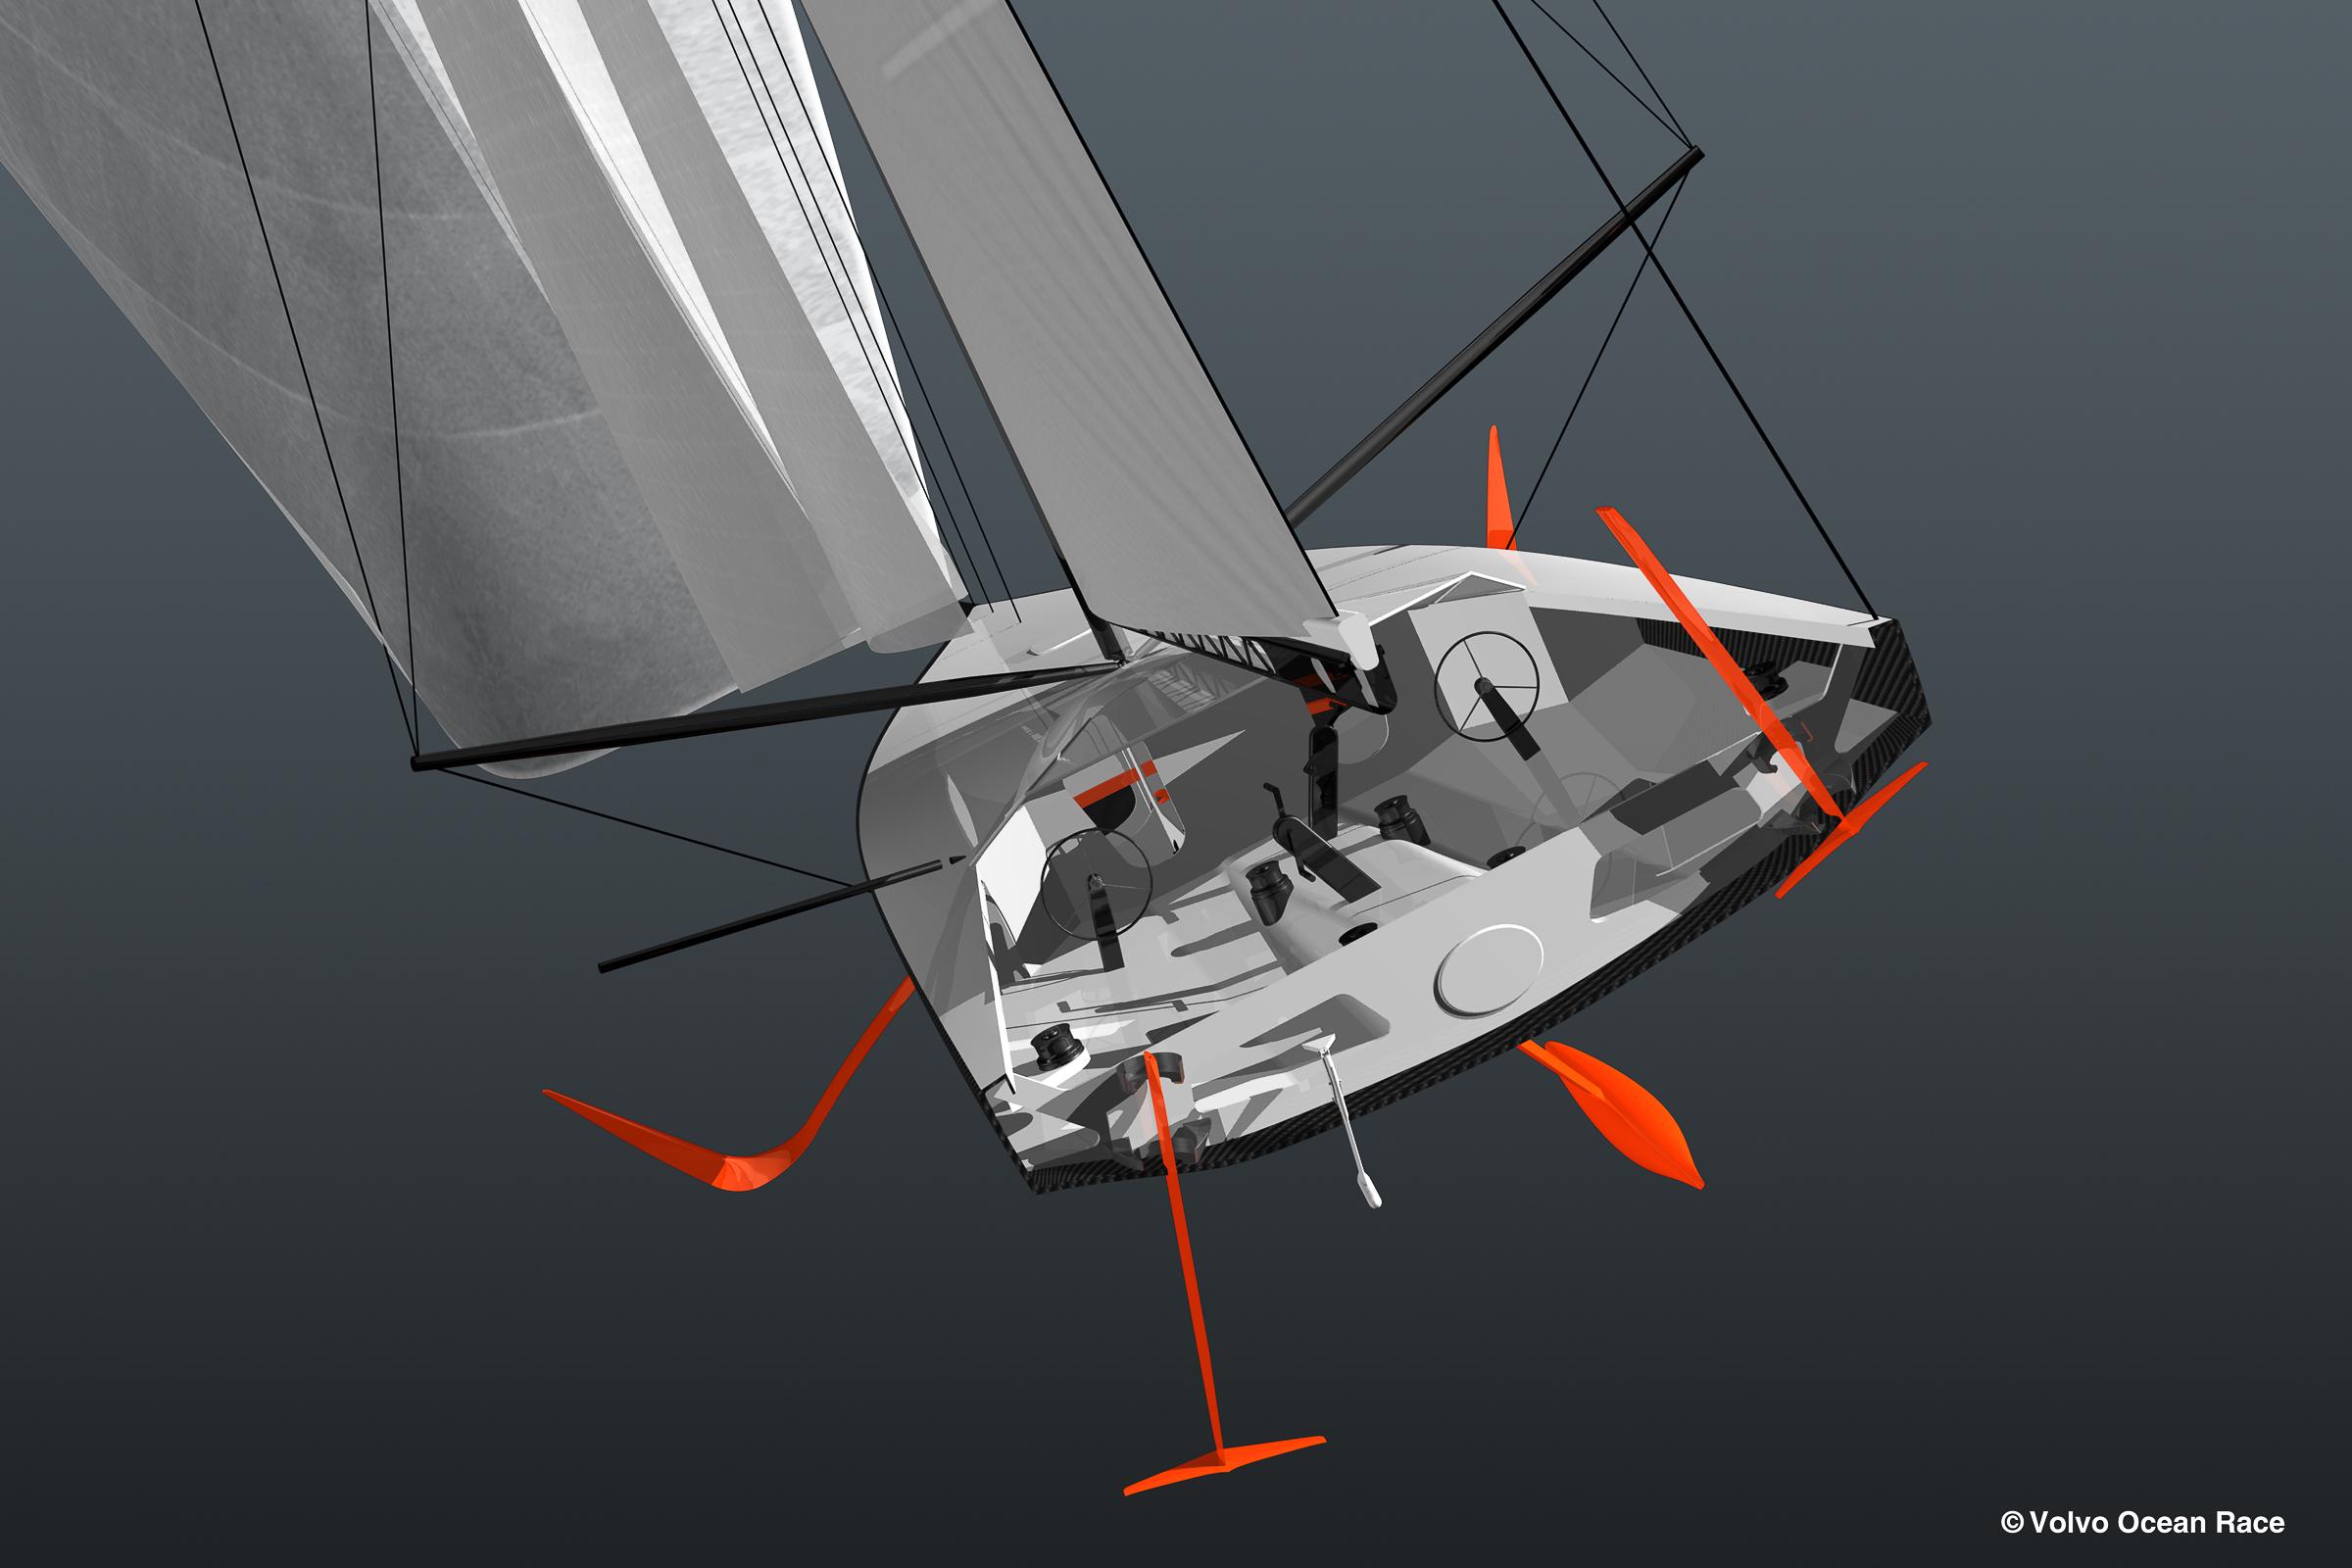 Volvo Ocean Race 2020 Sailing Anarchy De